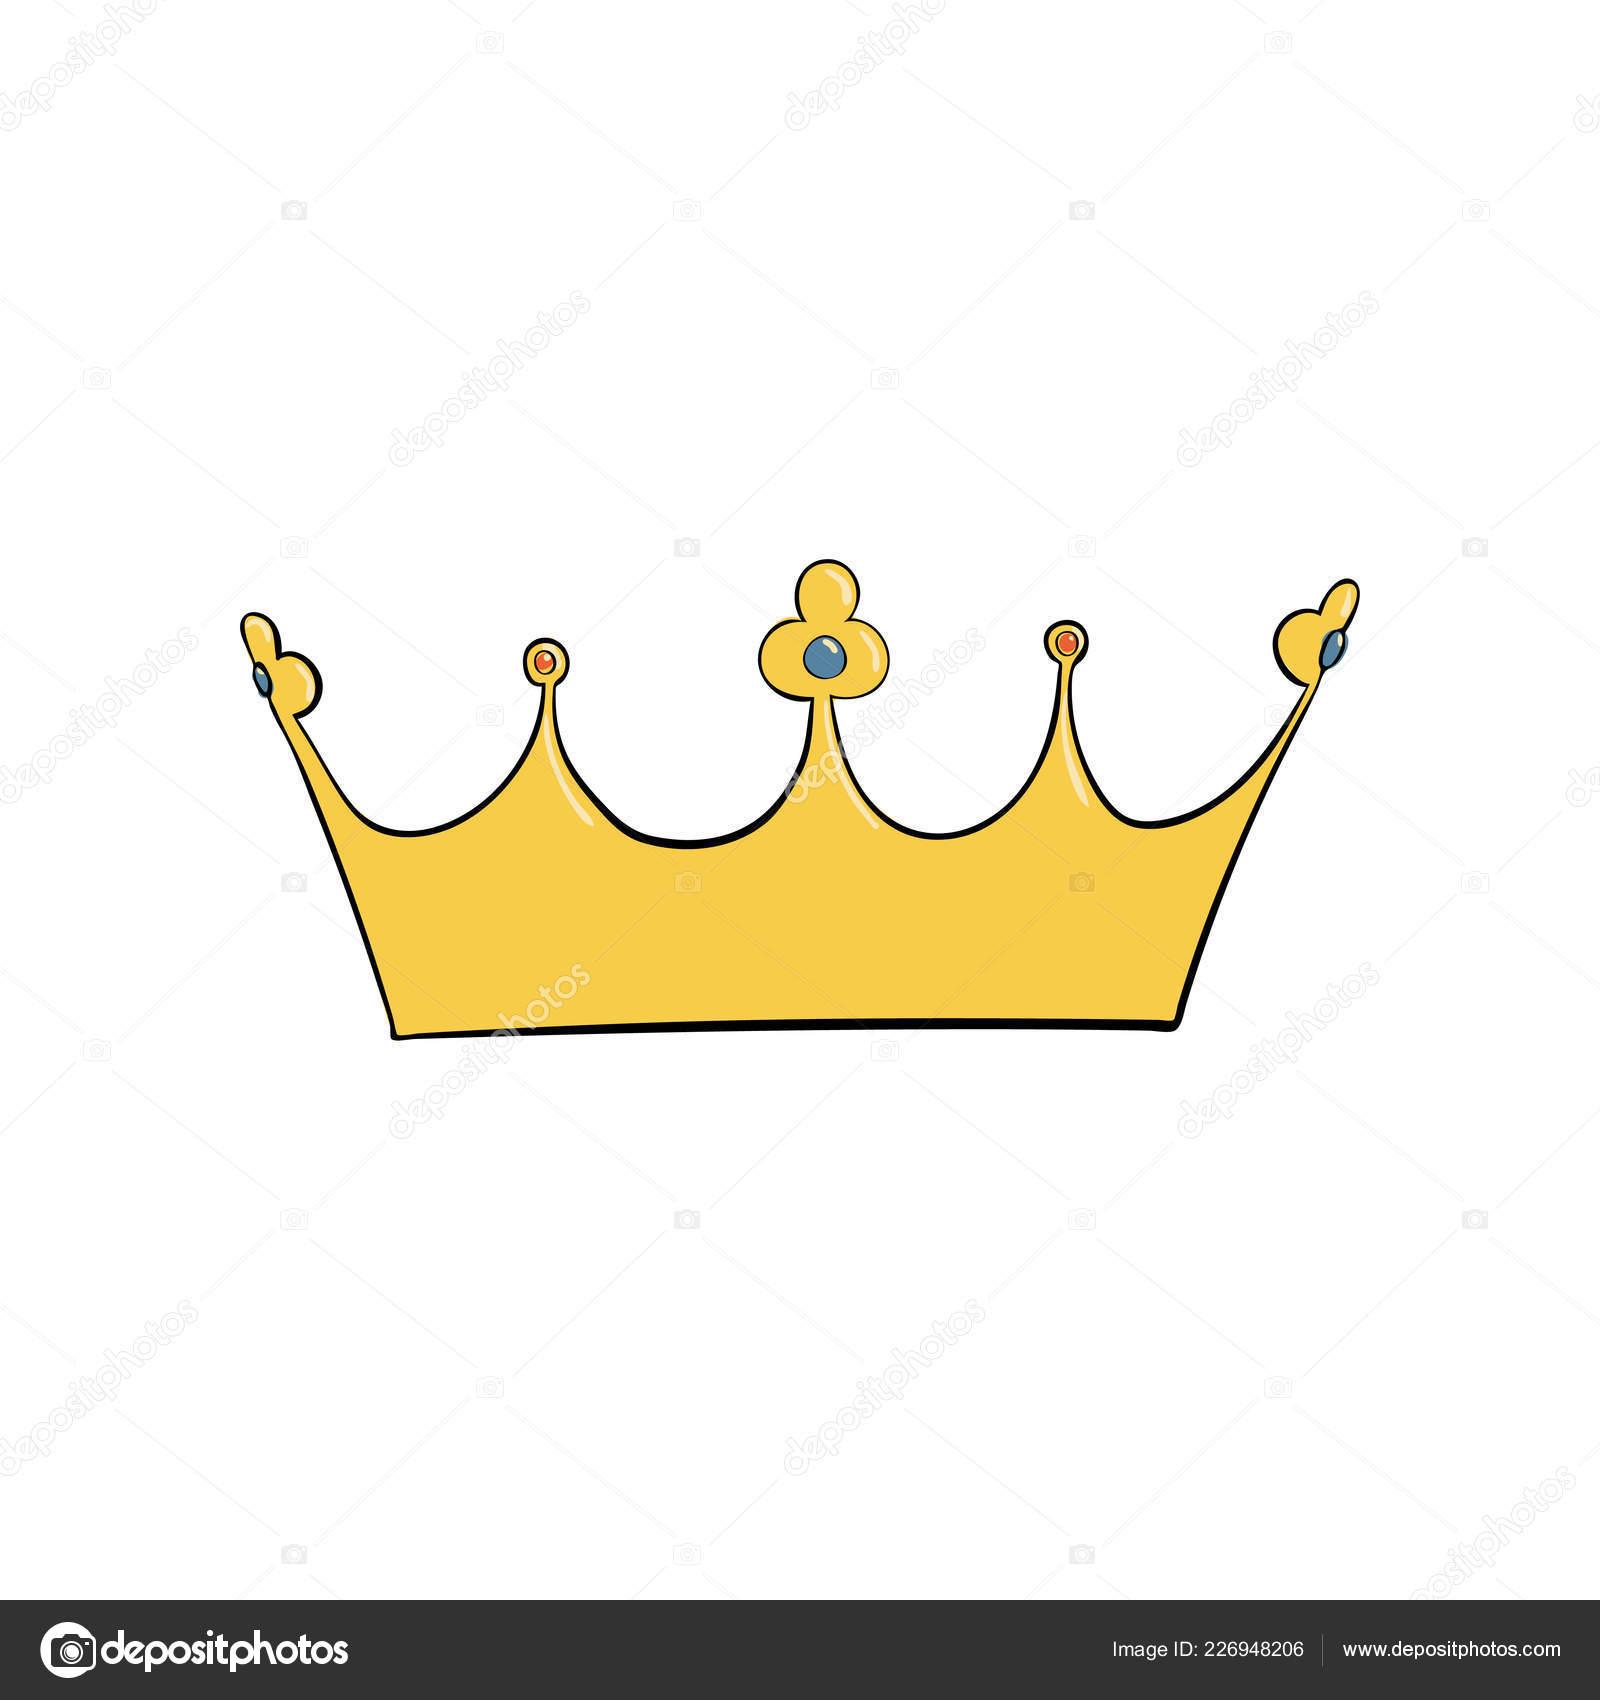 Роялти вектор символ золотая королевская корона короля королевы и.